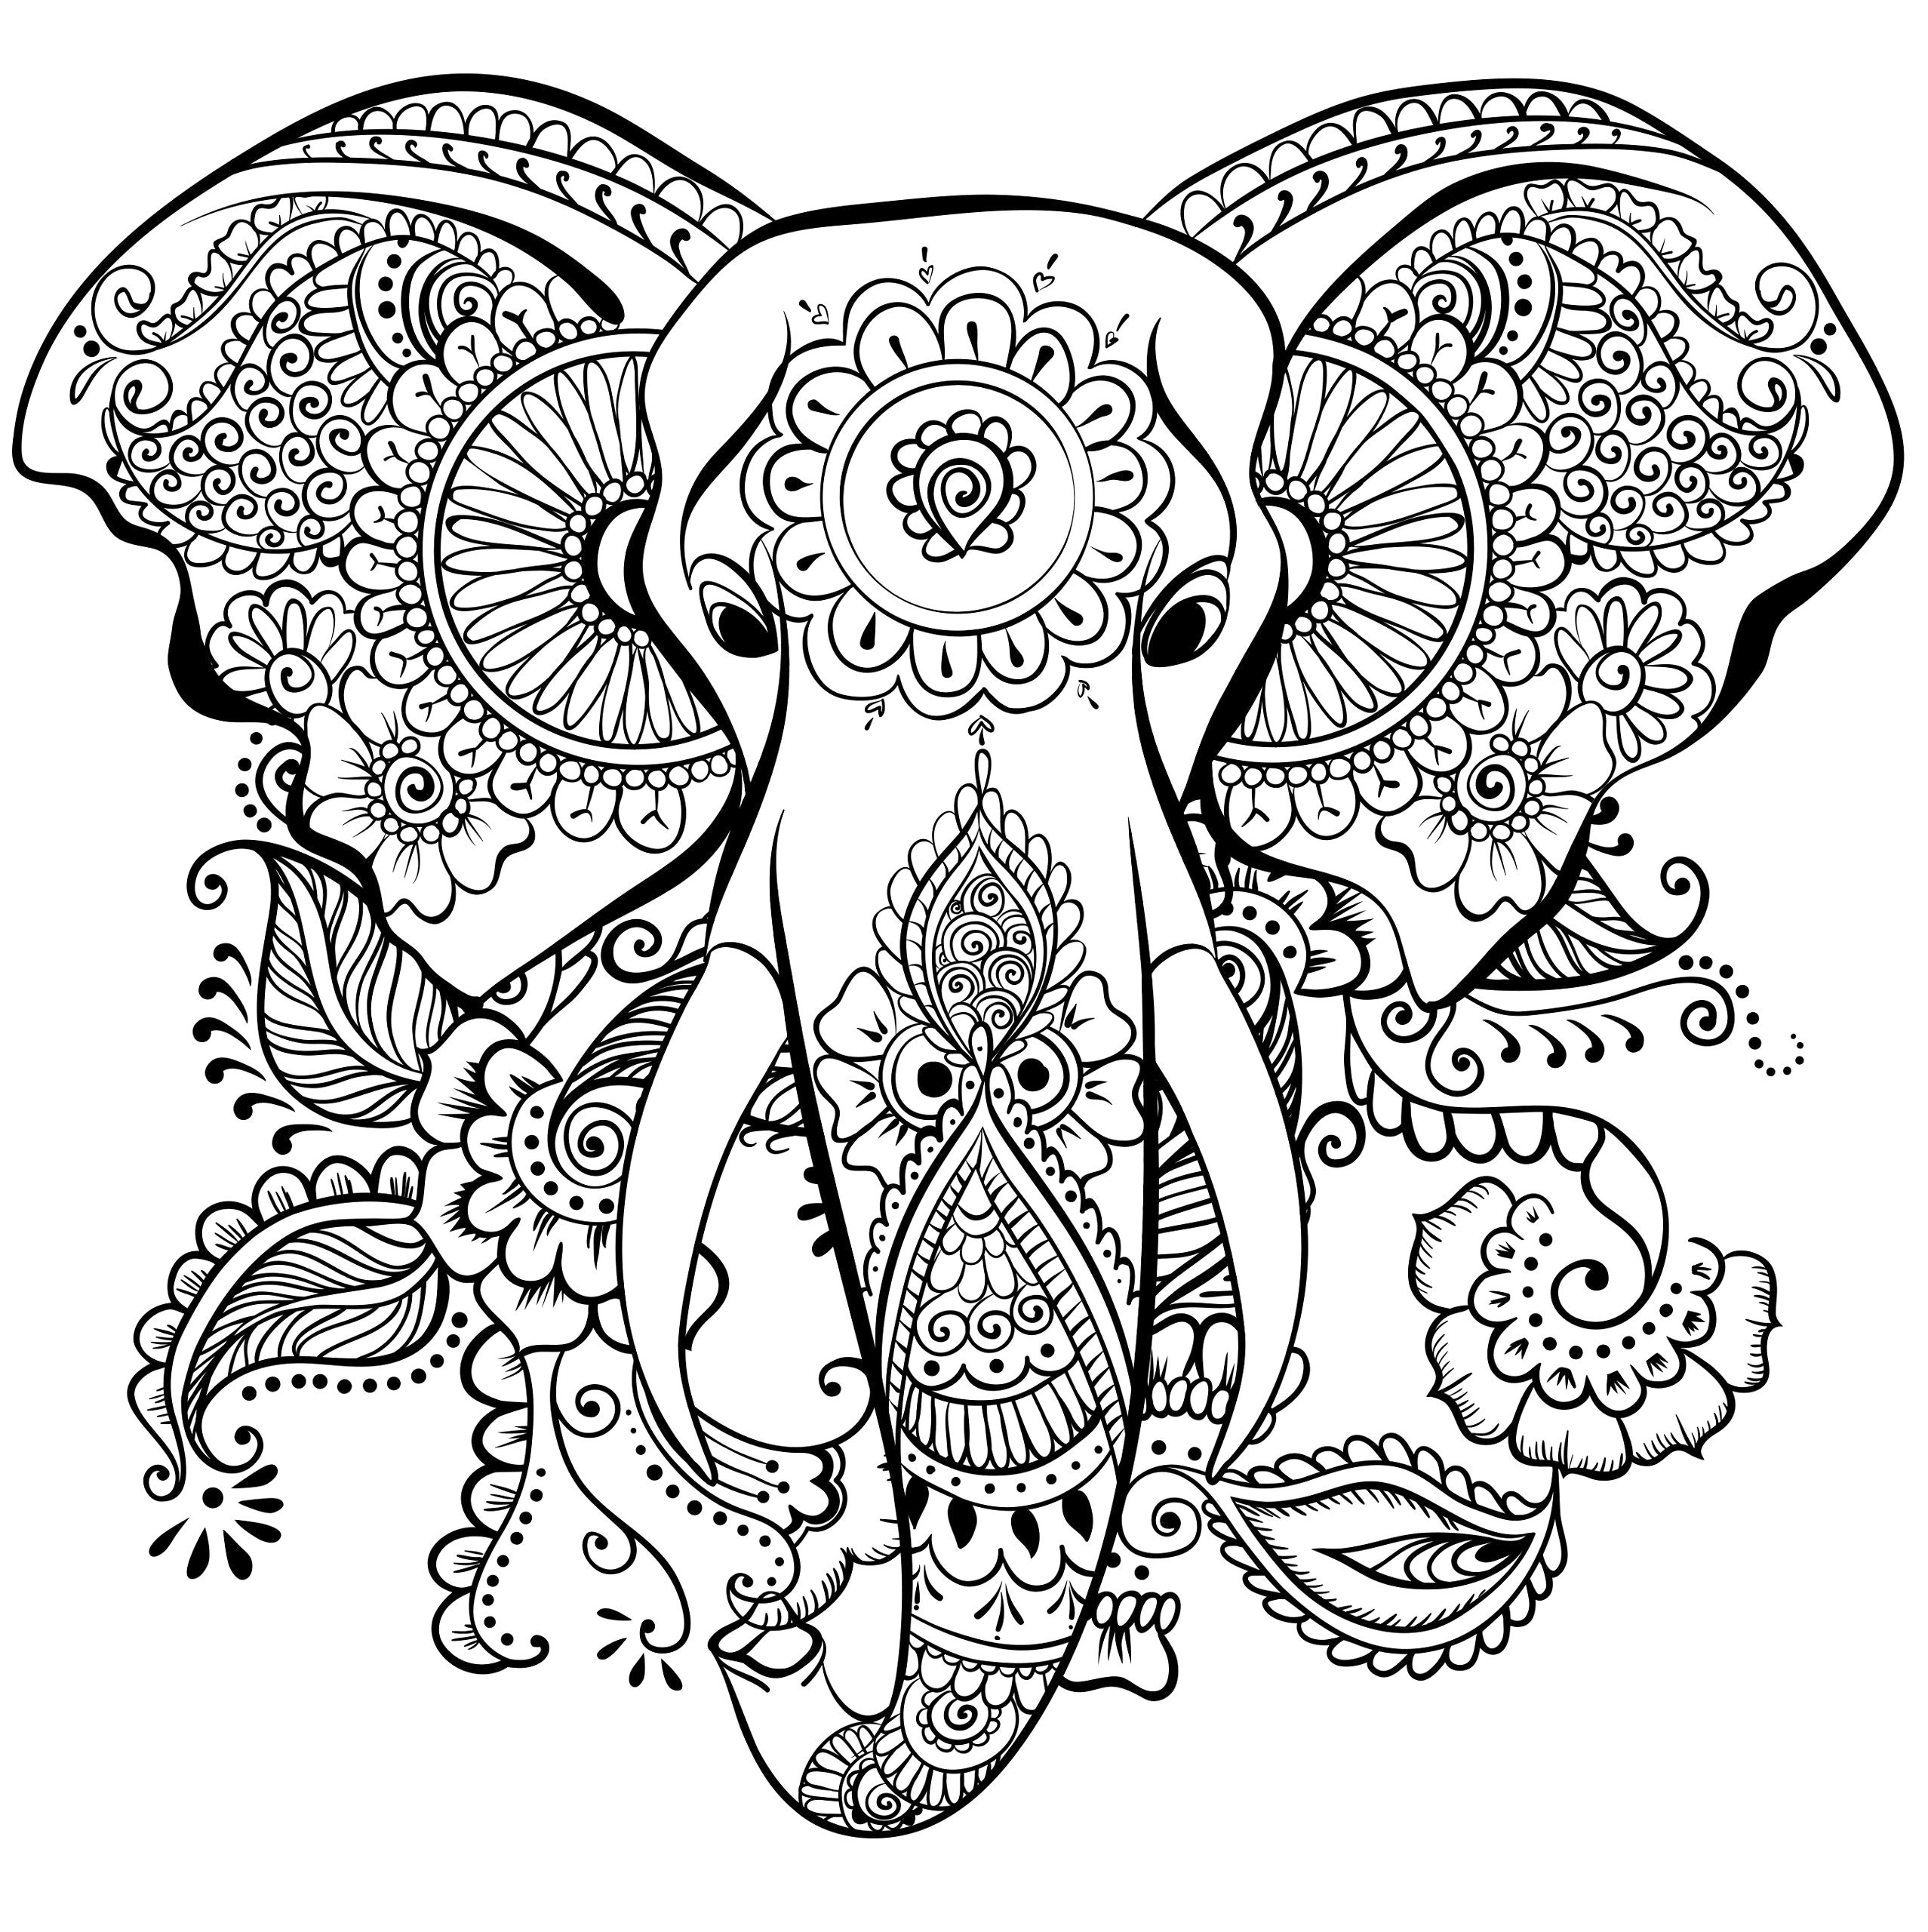 Ausmalbilder Fur Erwachsene Elefant Frisch 100 Schöne Ausmalbilder Für Erwachsene Bilder Ideen Fotos